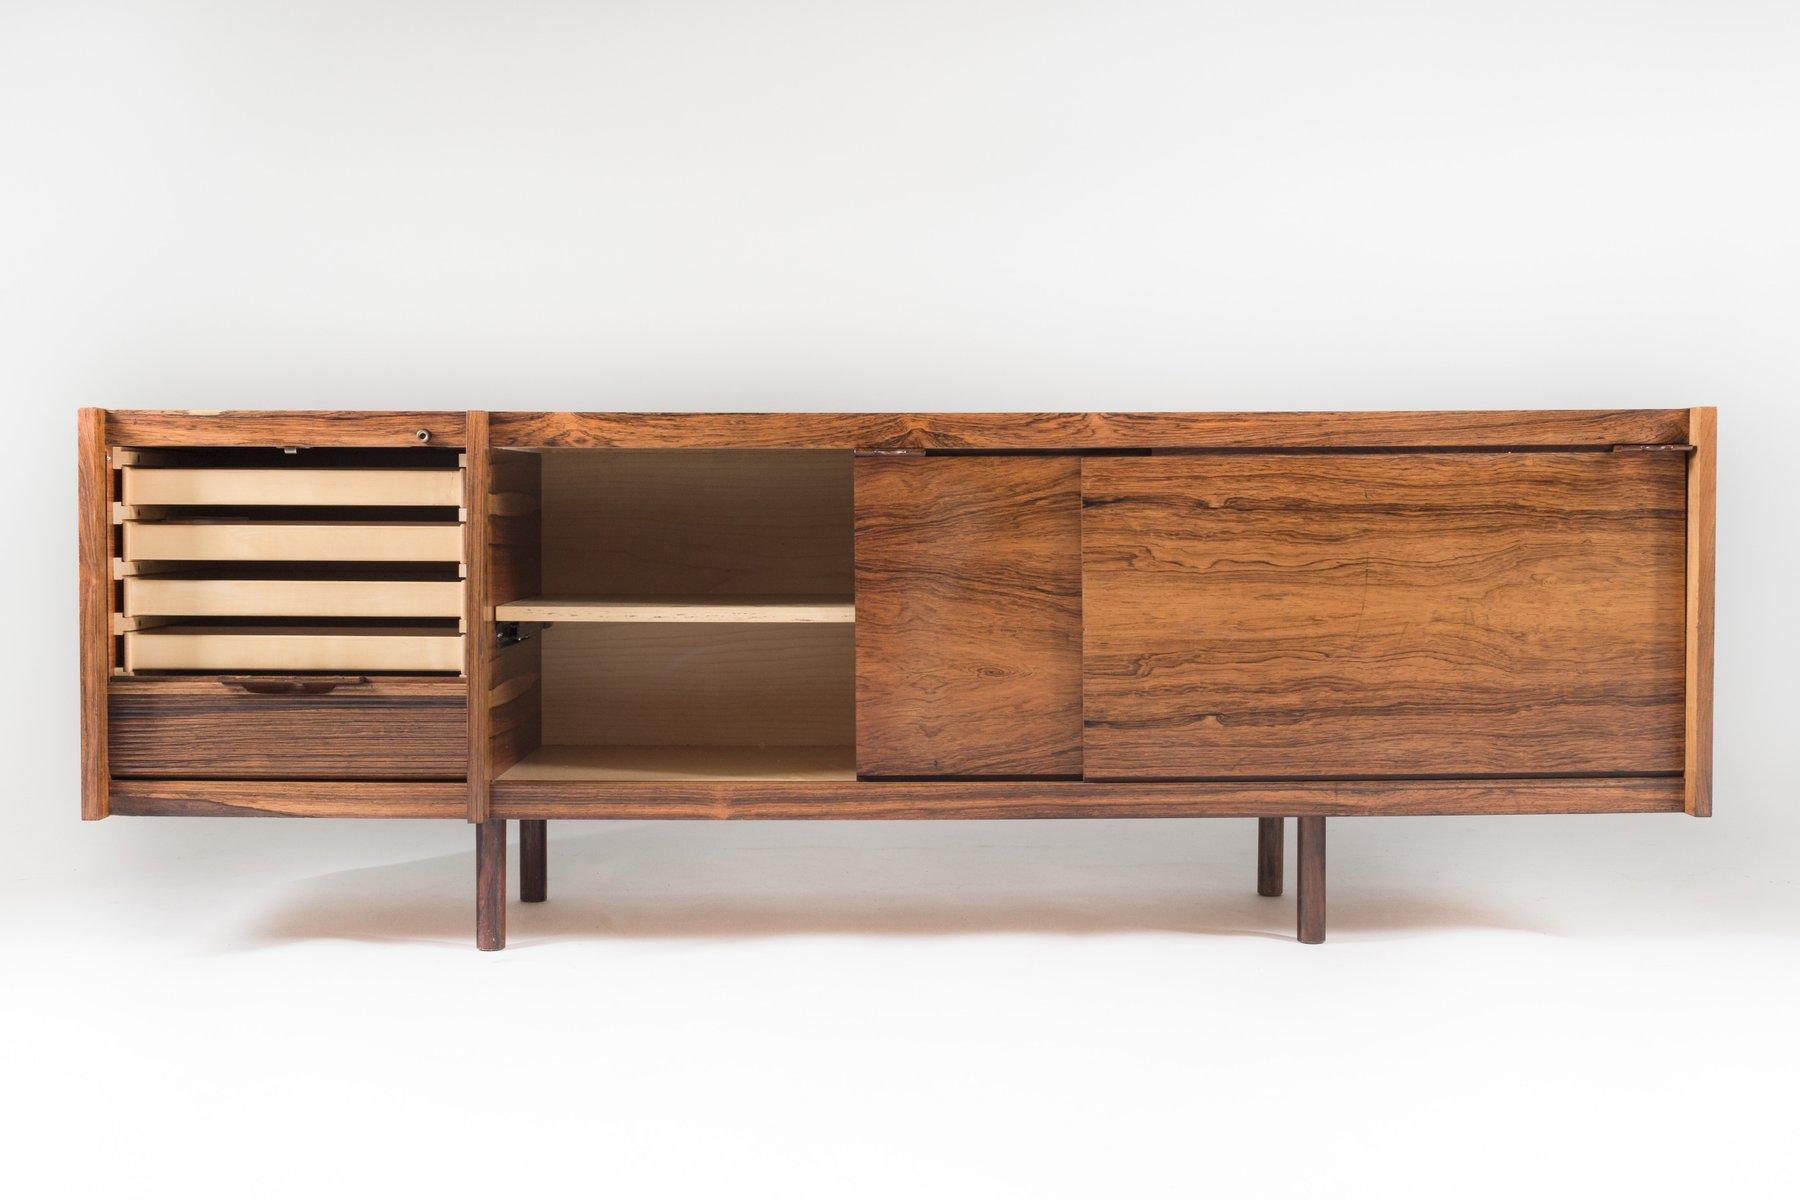 skandinavisches palisander sideboard von sven ivar dysthe. Black Bedroom Furniture Sets. Home Design Ideas